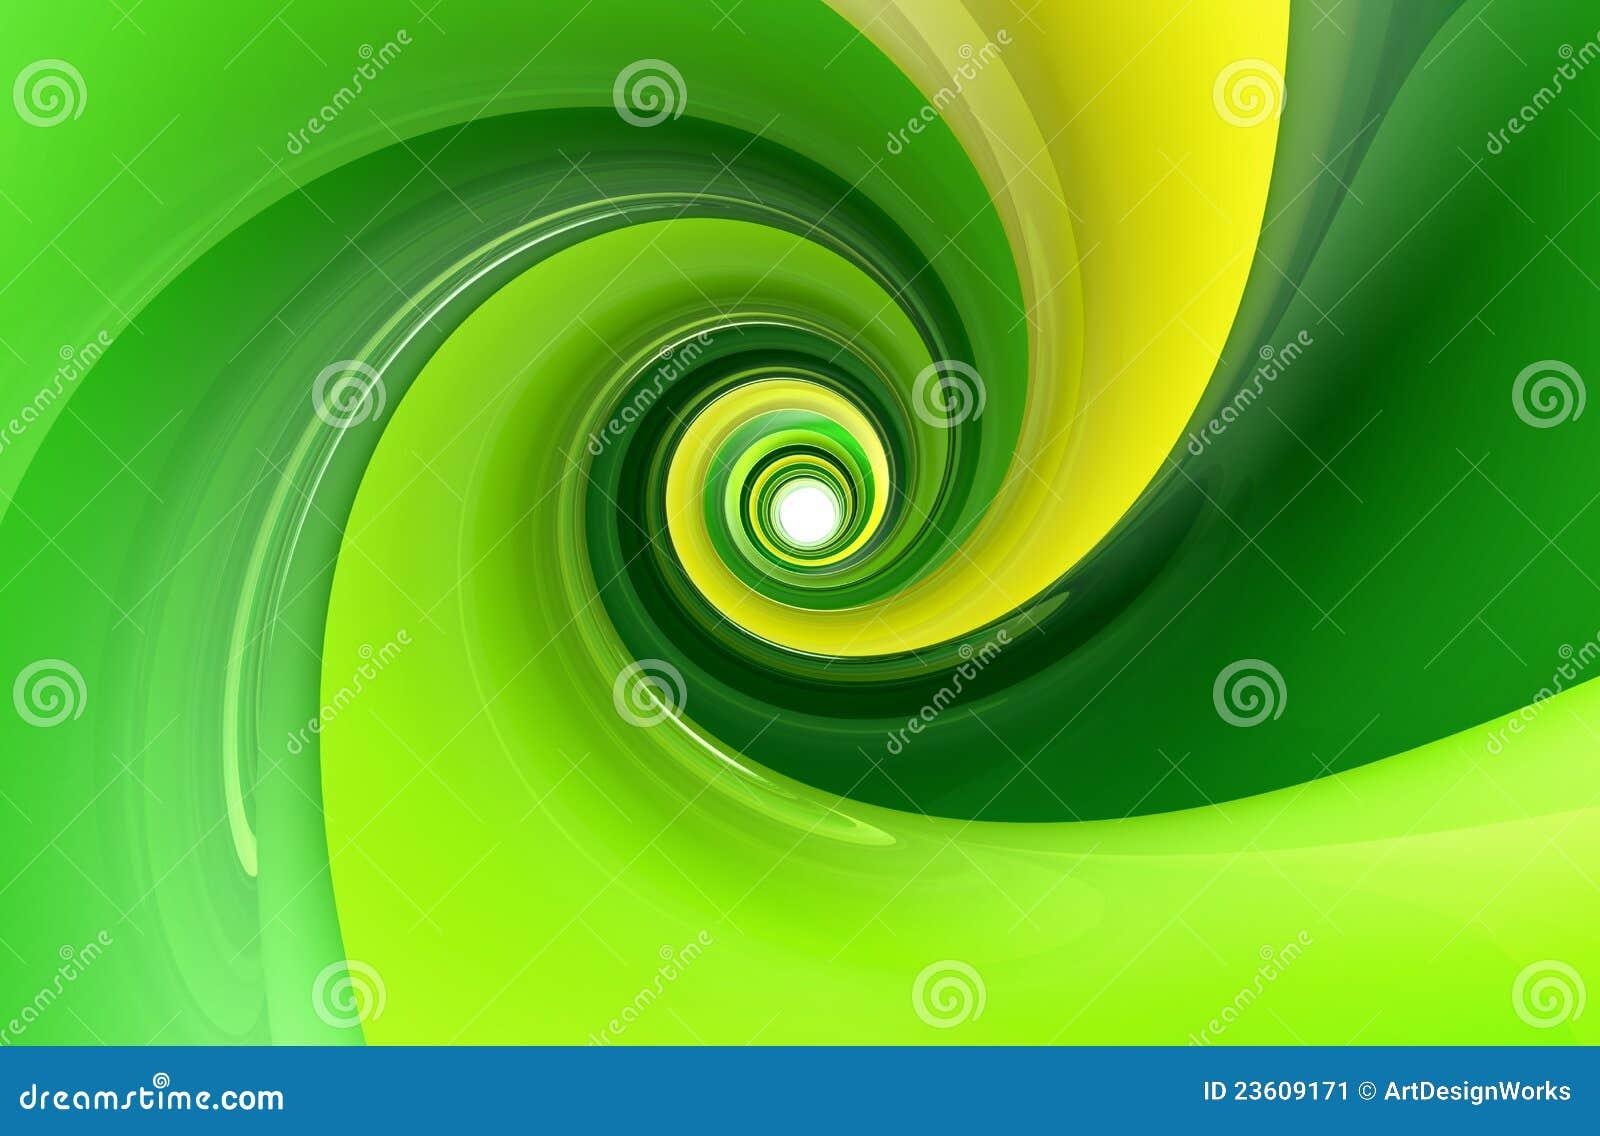 Carta da parati gialla verde lucida illustrazione di stock for Carta parati verde